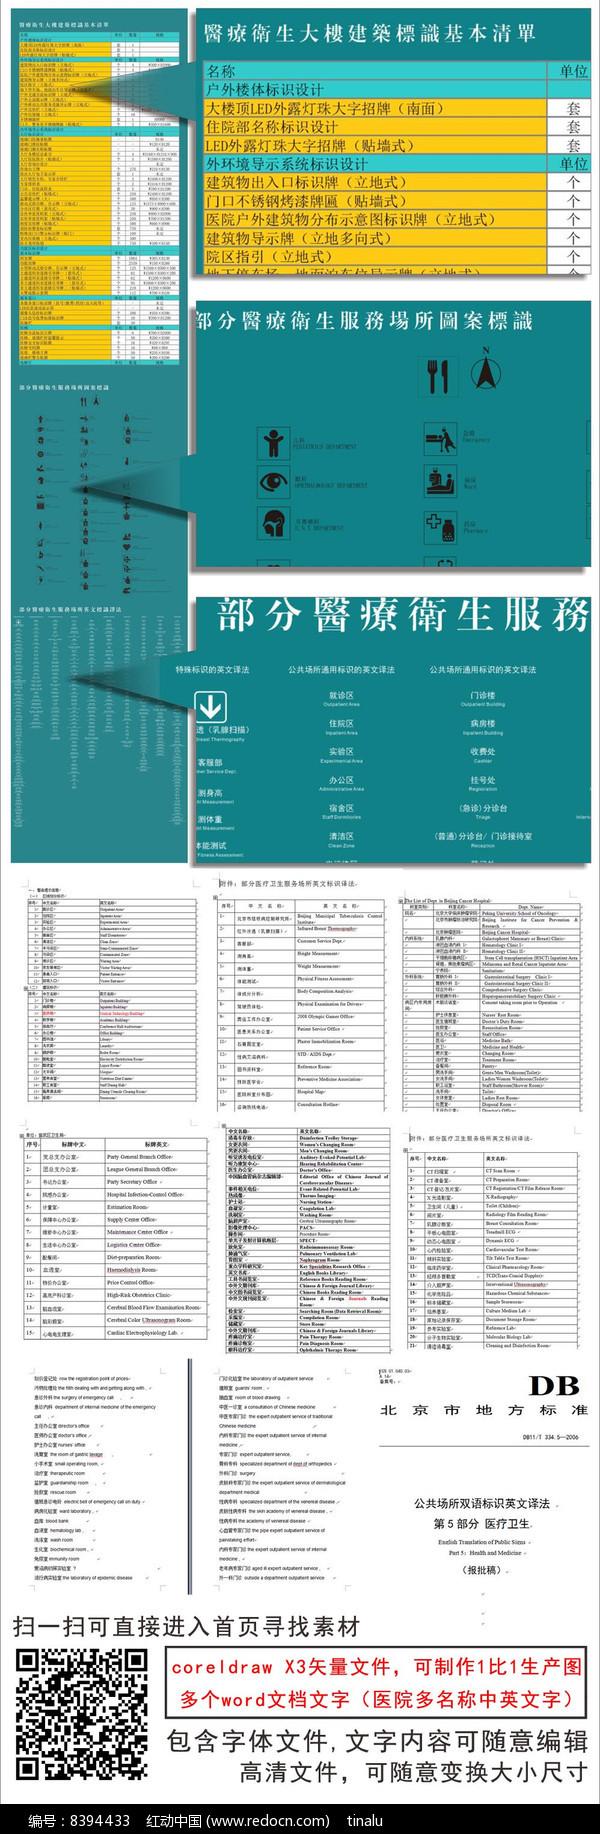 医疗系统中英文标识清单图标图片